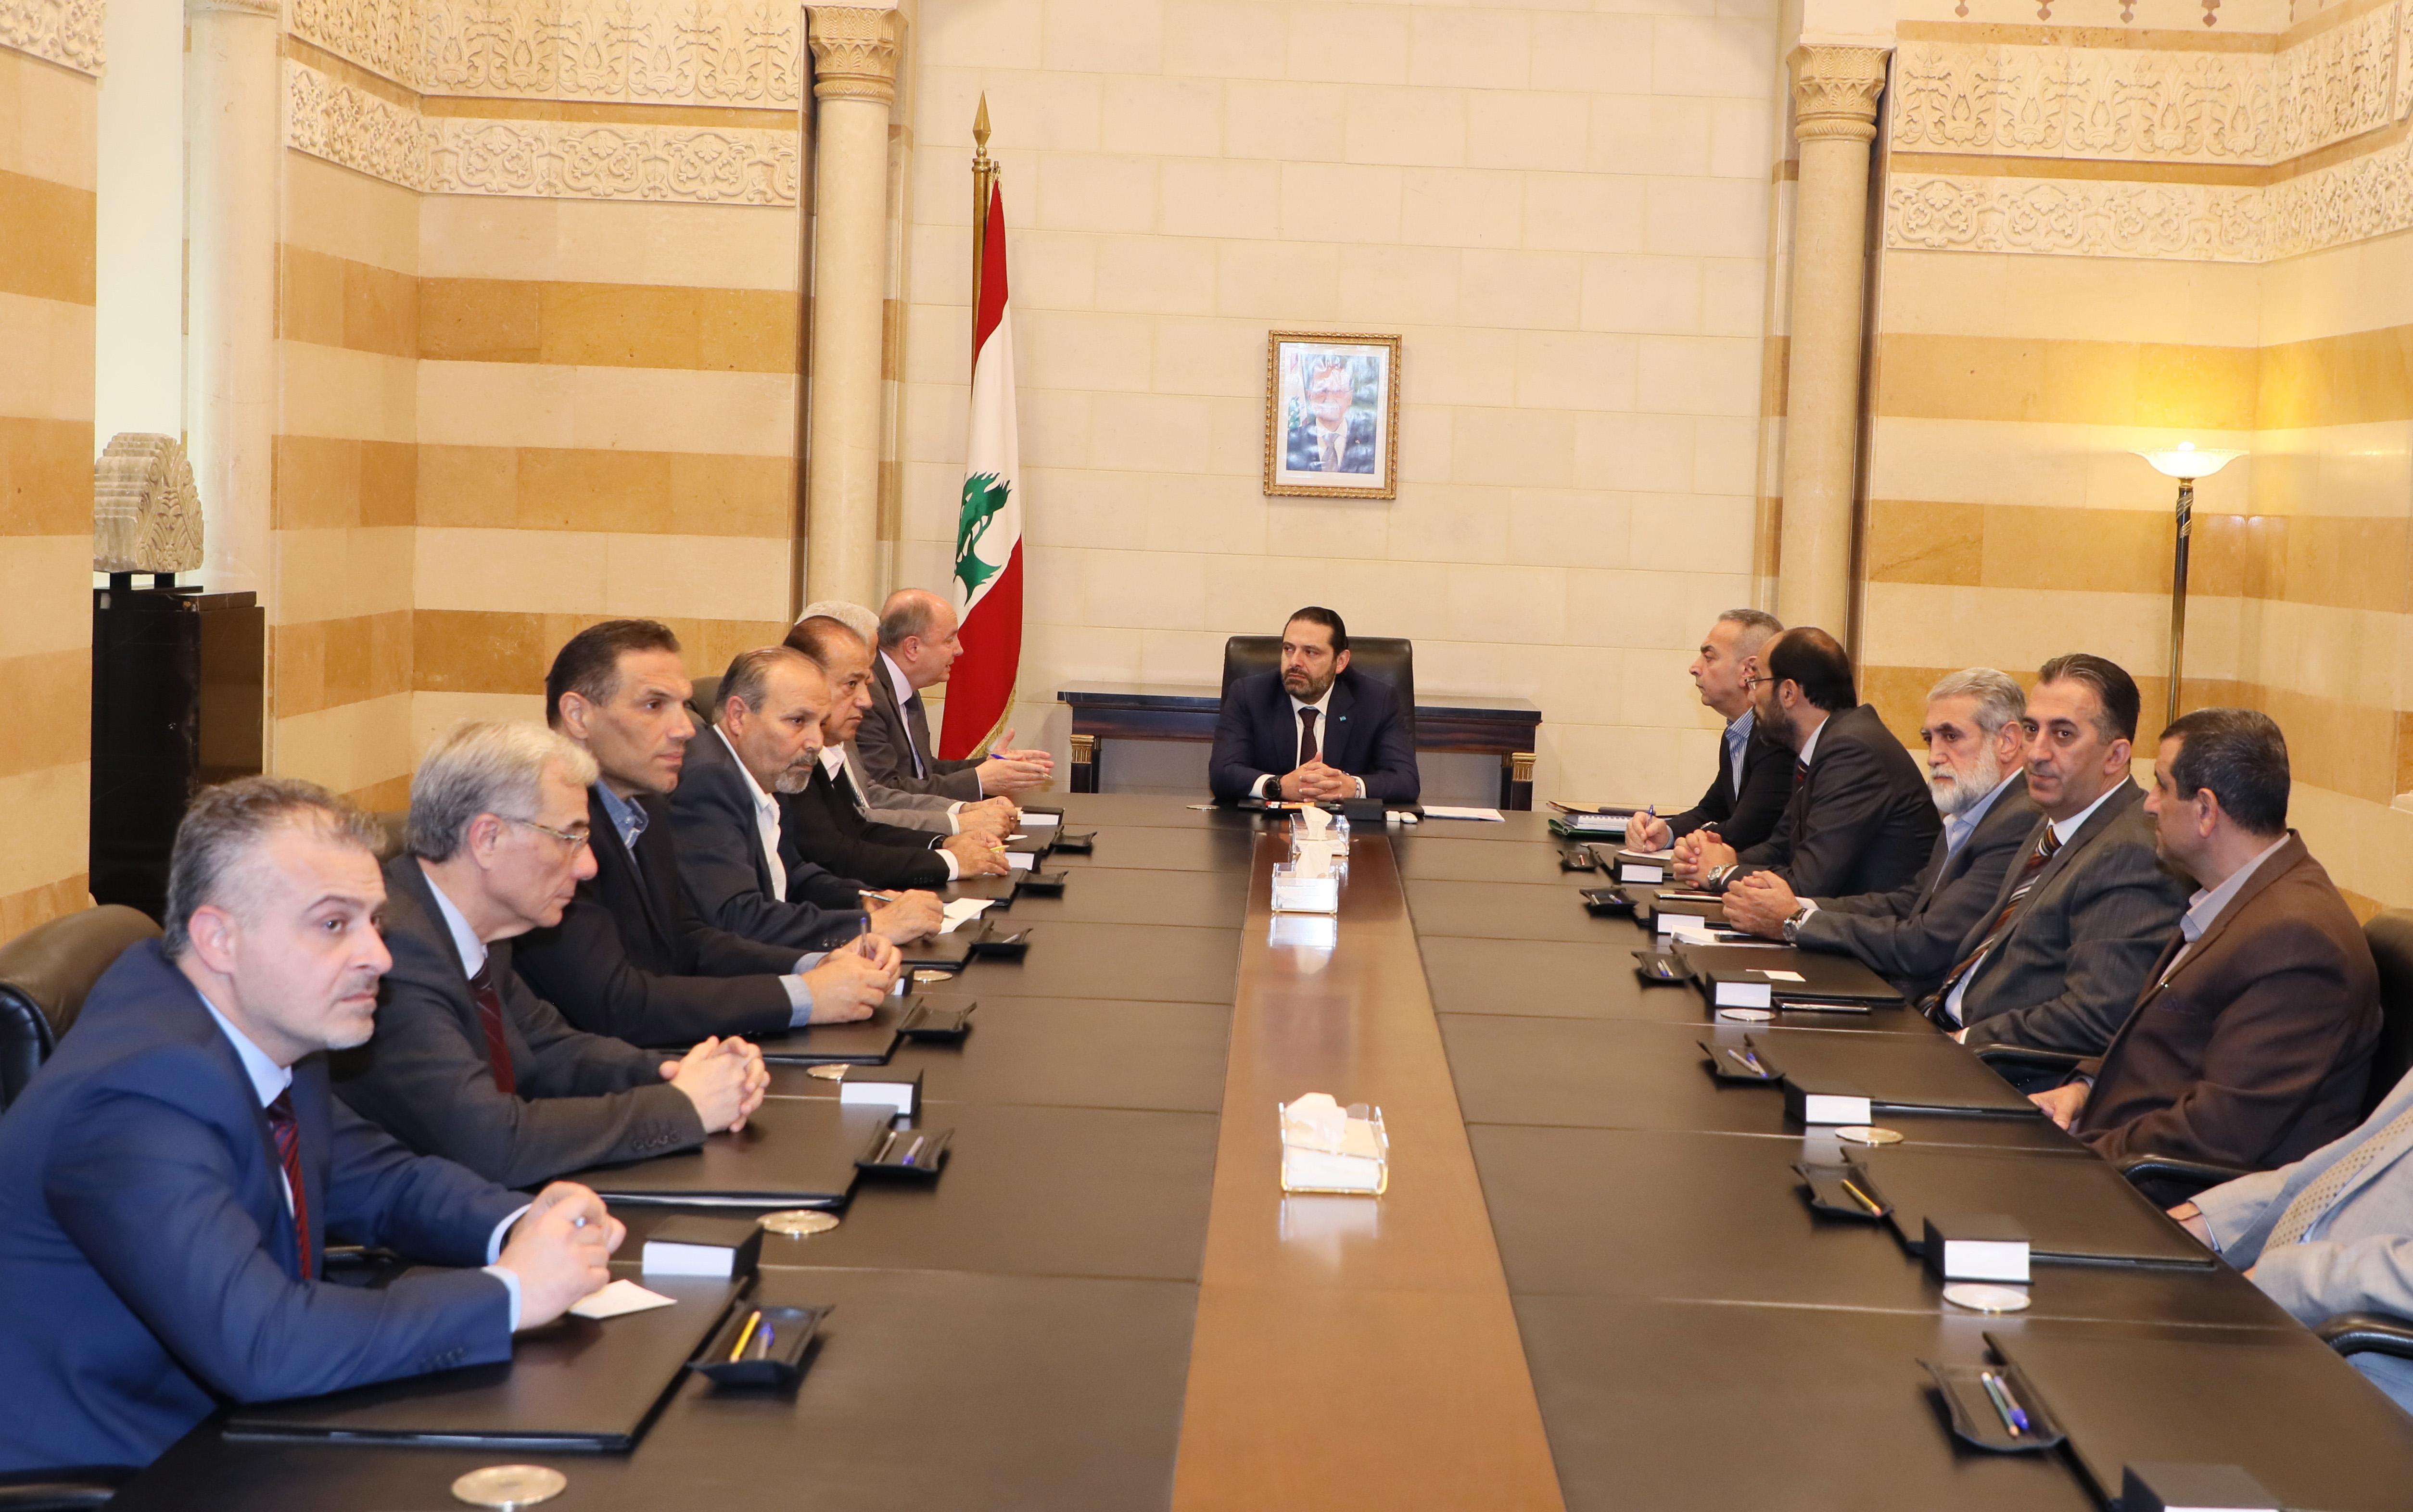 Pr Minister Saad Hariri meets Mr Bechare el Asmar with a Delegation 1